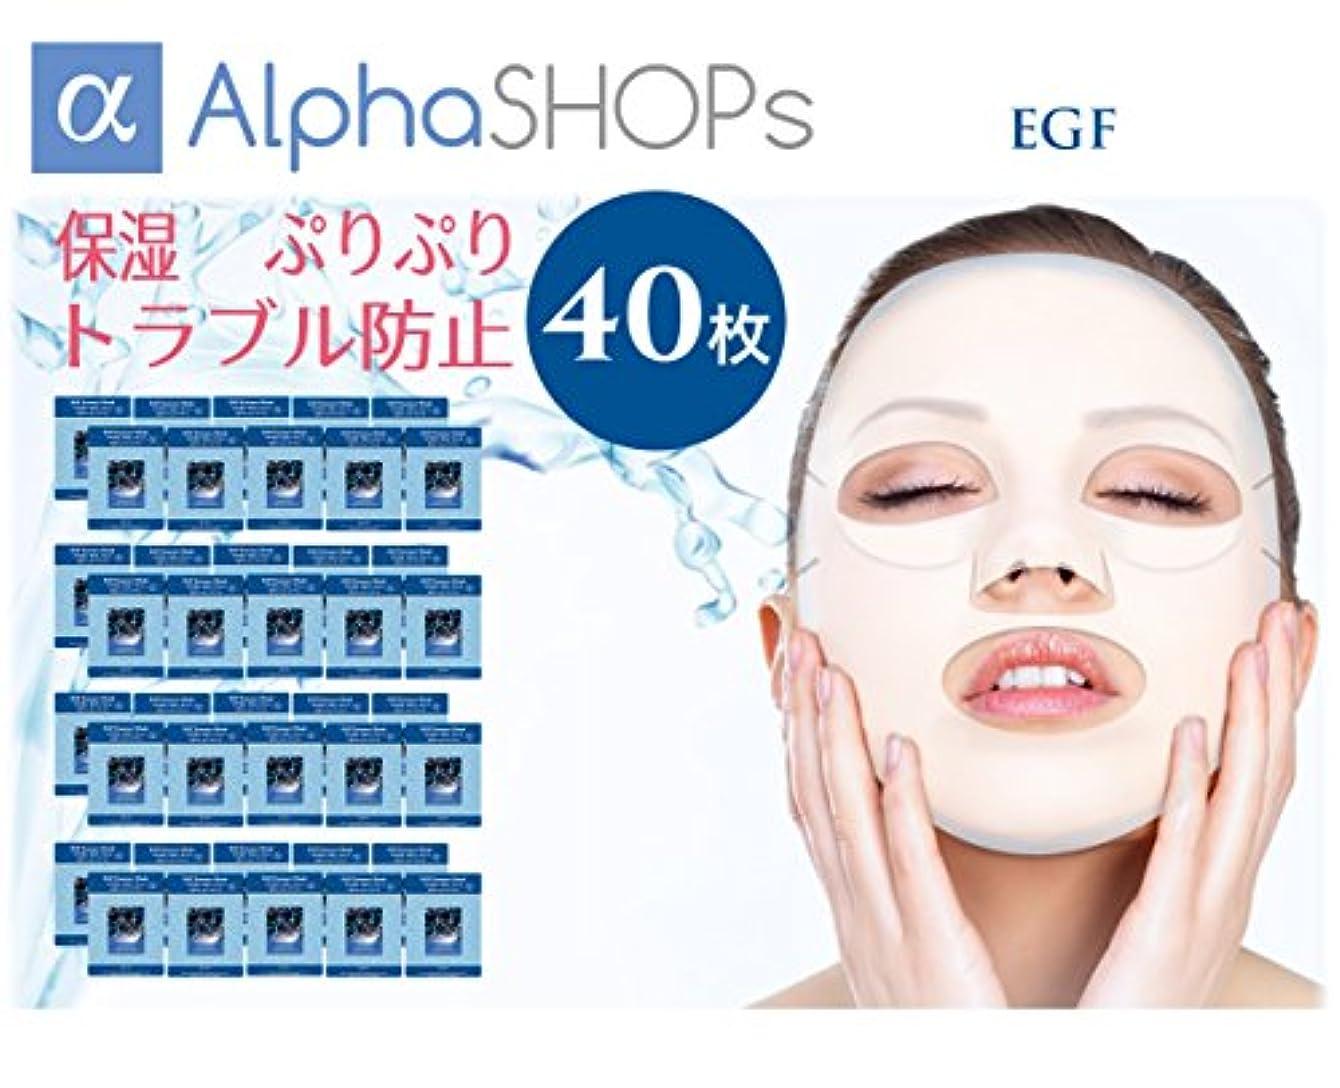 採用ばかベッドを作る40枚セット EGF エッセンスマスク 韓国コスメ MIJIN(ミジン)